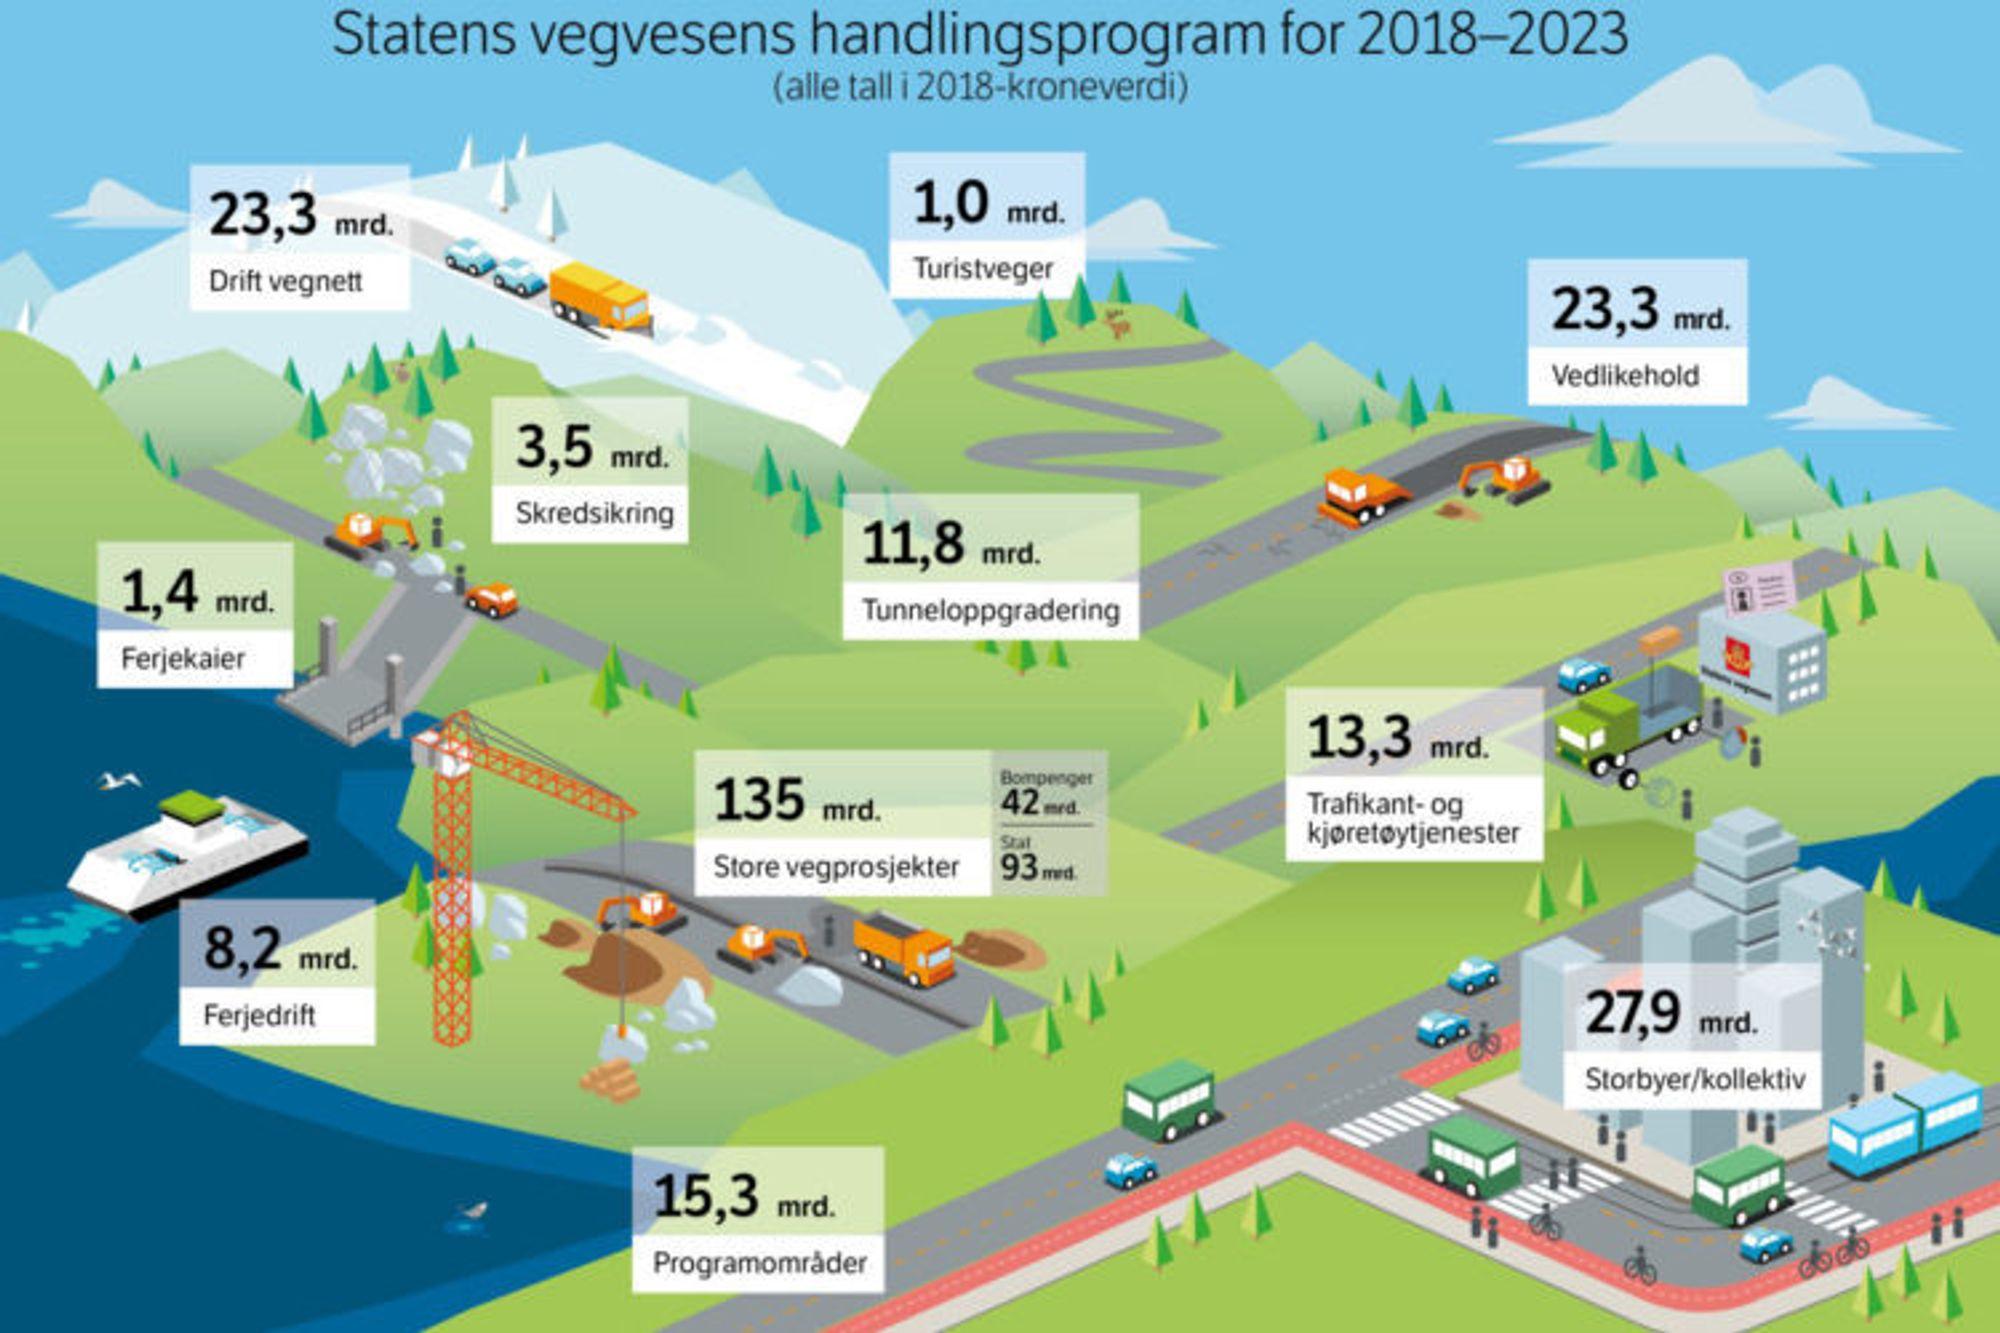 Bygger 50 store riksvegprosjekter fra 2018-2023